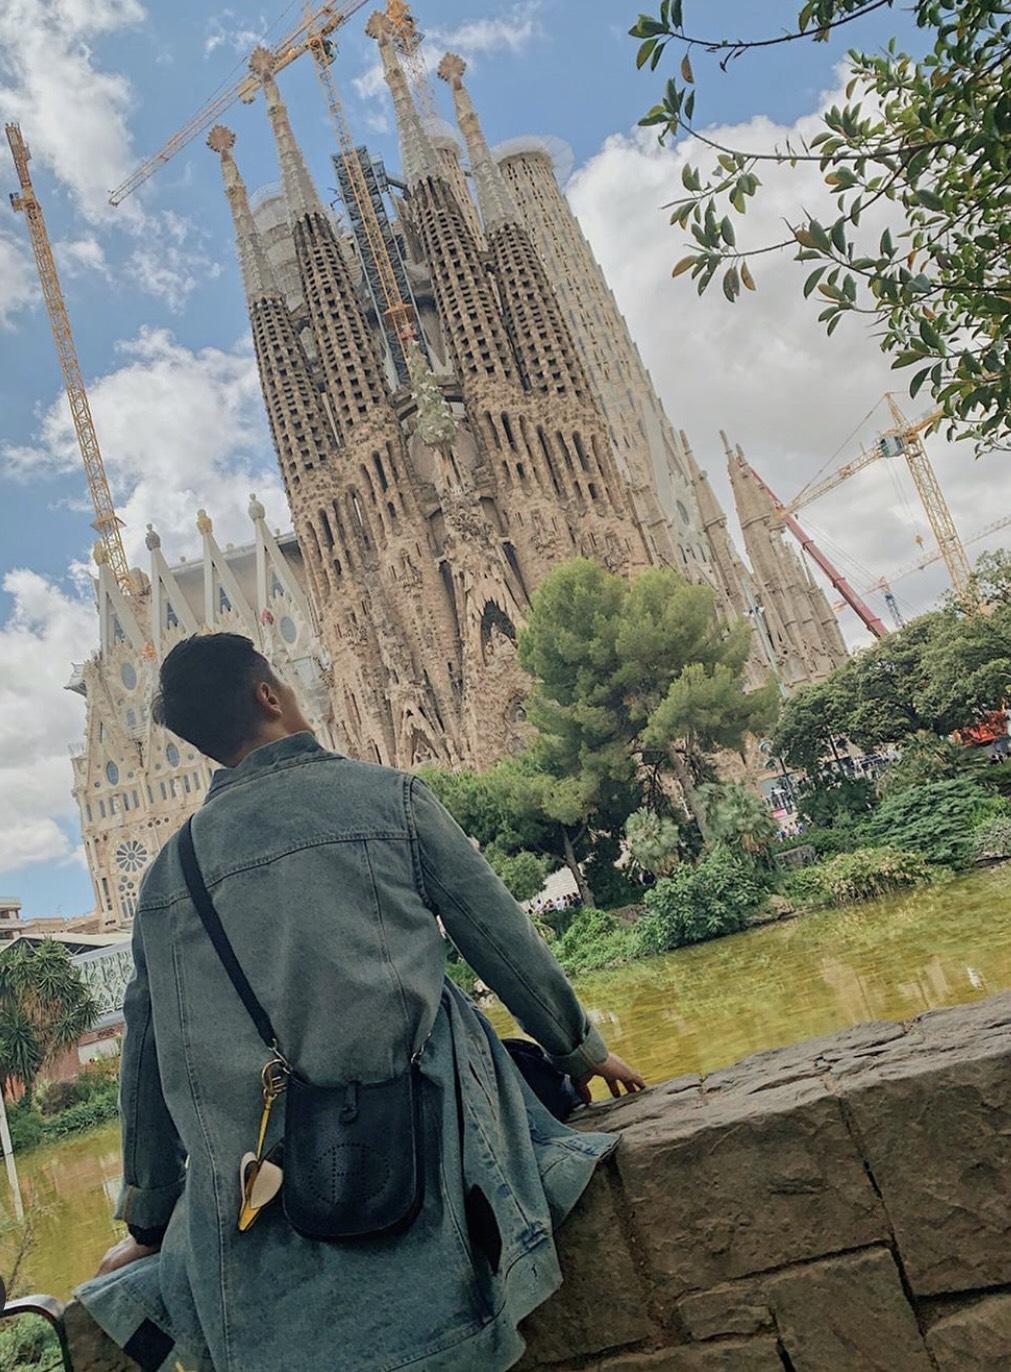 ▲西班牙聖家堂雄偉的建築模樣,讓阿蹦驚嘆不已。